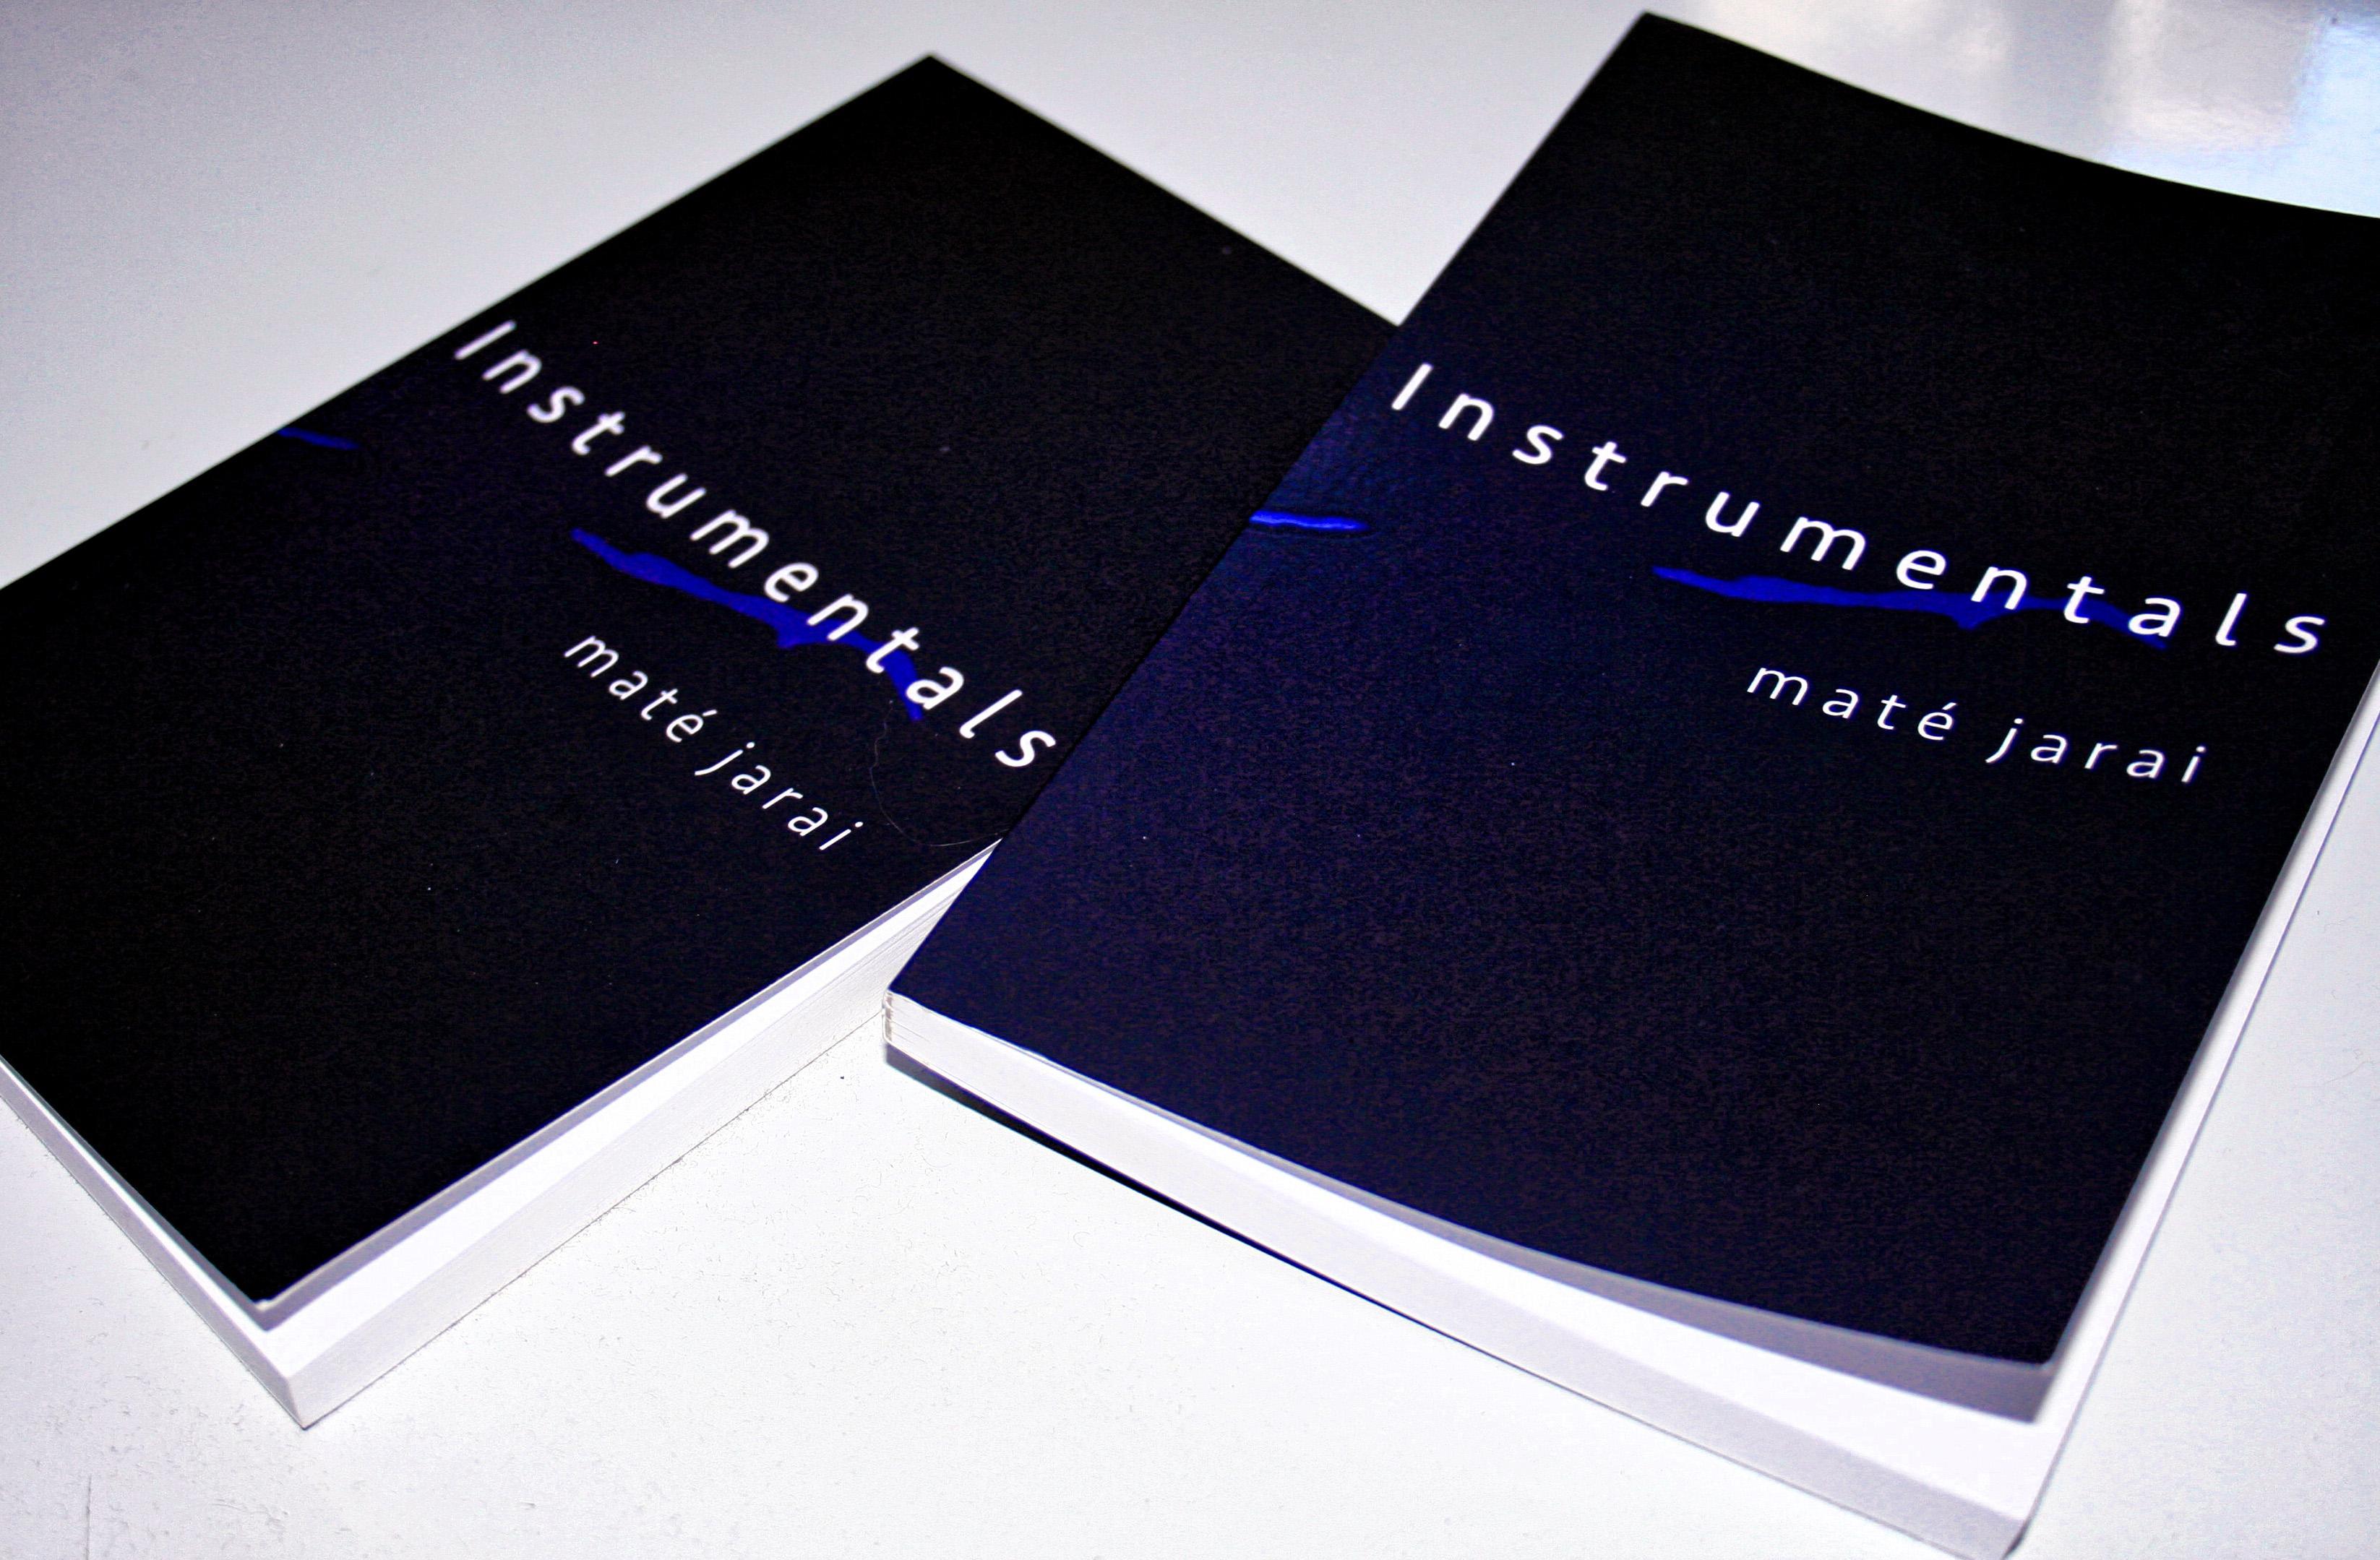 ...Instrumentals